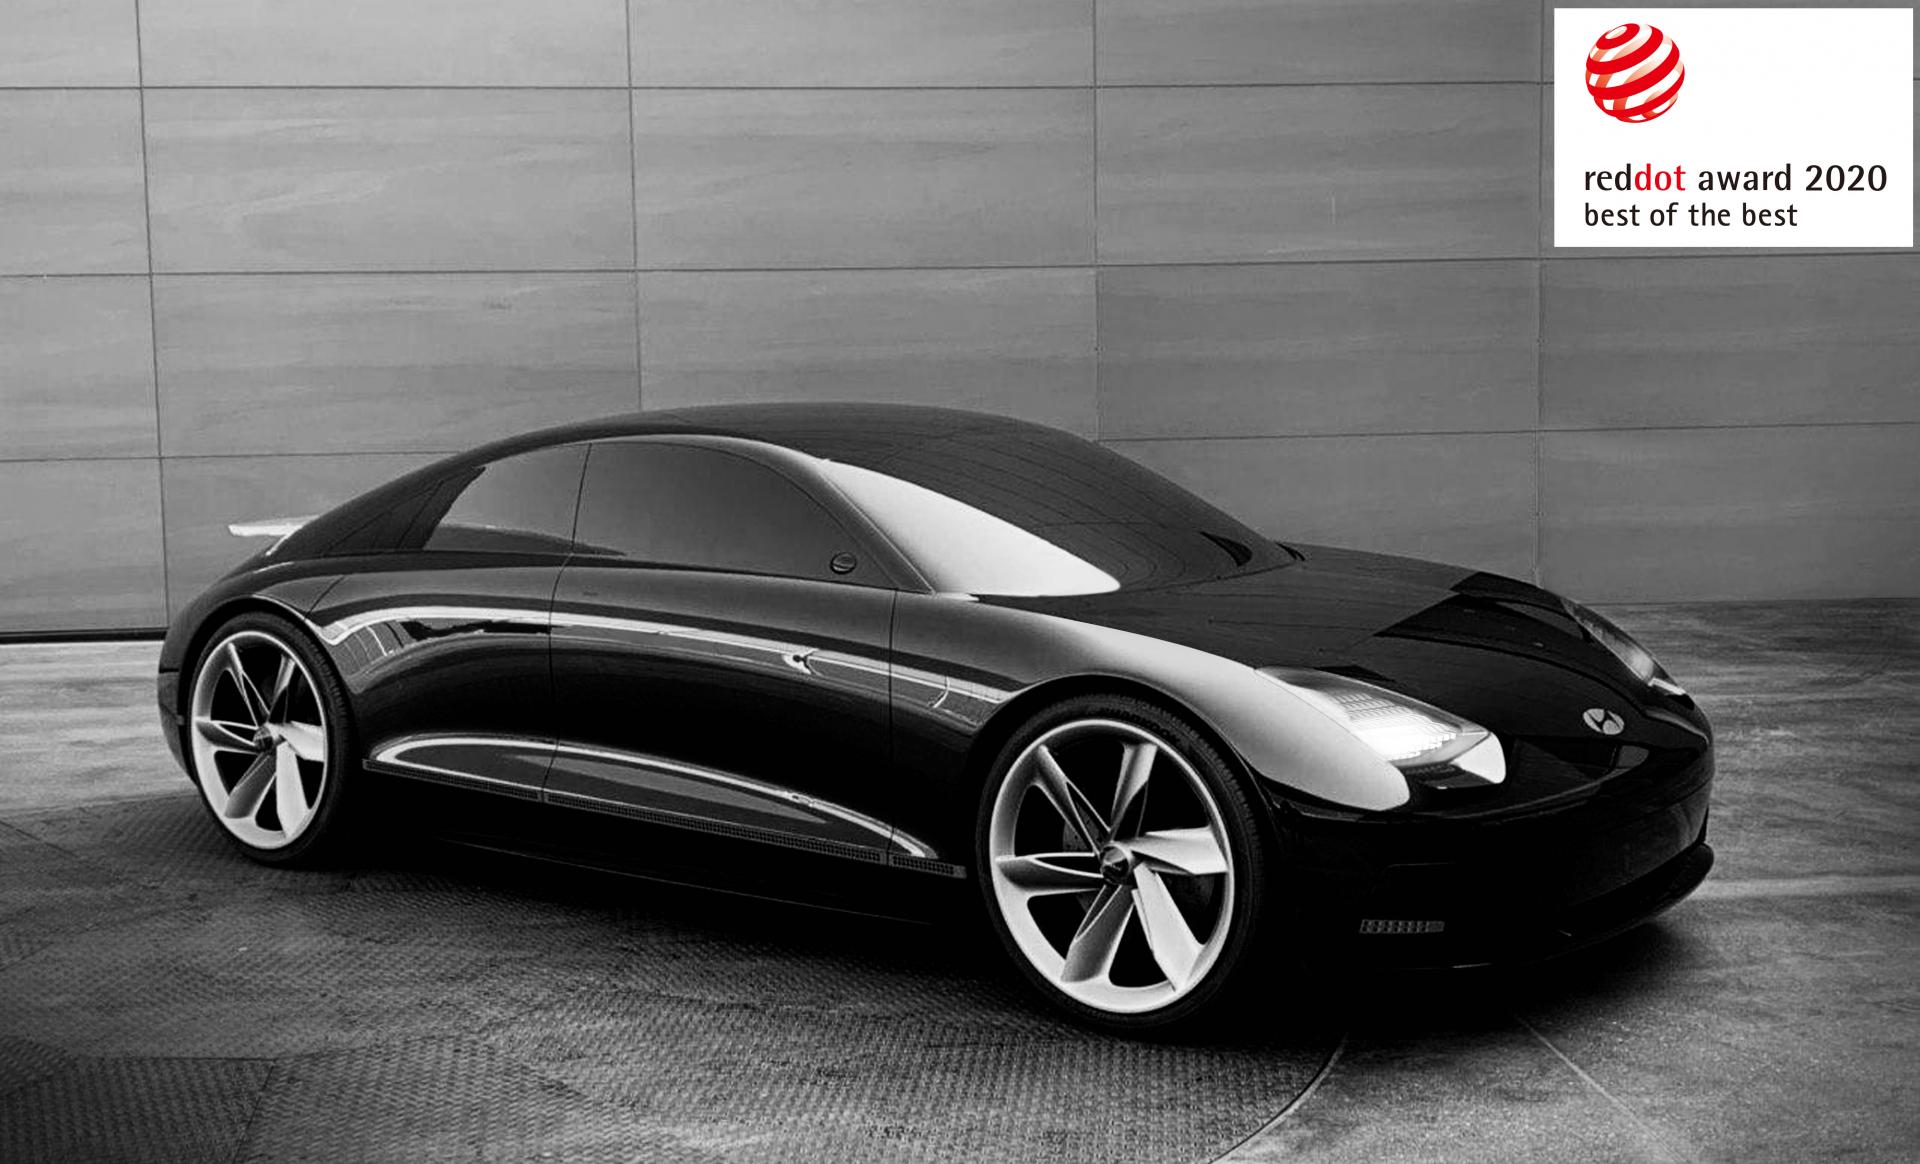 Компанія Hyundai Motor отримала три нагороди Red Dot Award 2020 за концептуальний дизайн | Богдан-Авто Житомир - фото 14